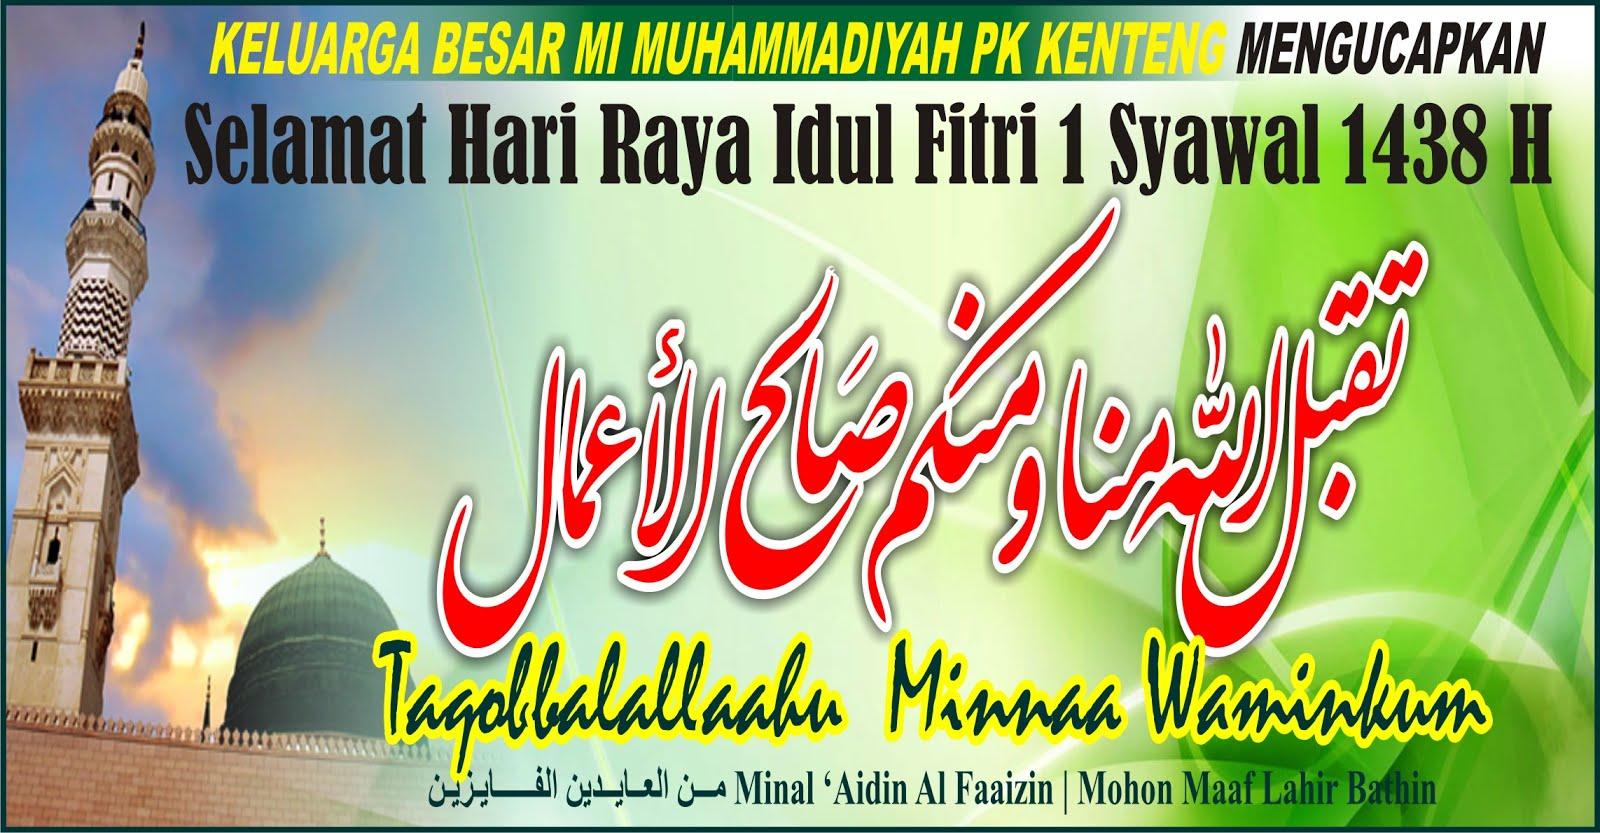 Ucapan Selamat Hari Raya Idul Fitri 1438 H